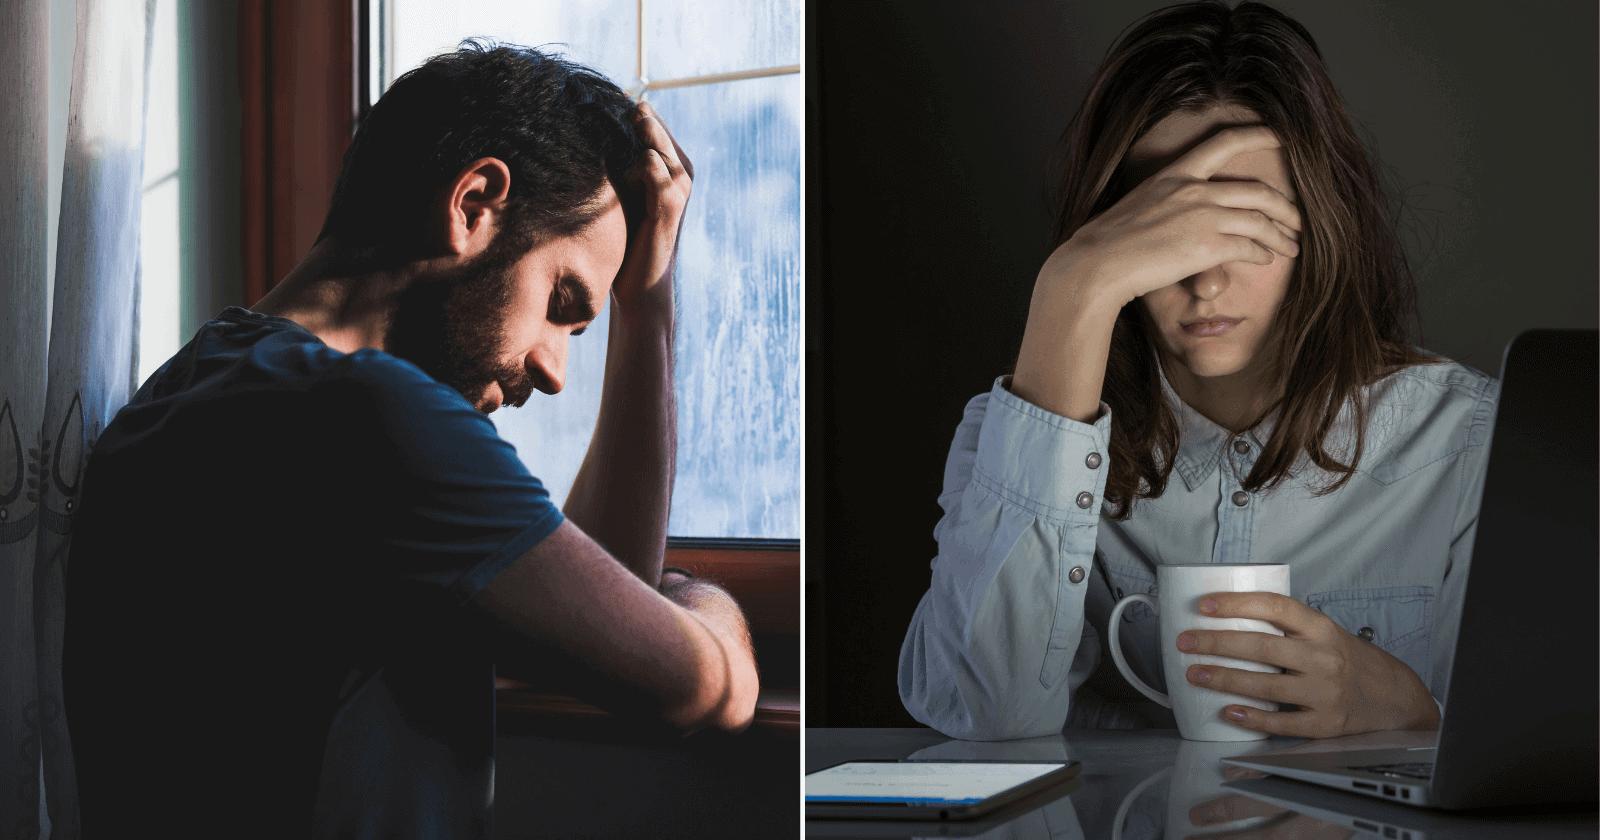 60 Frases de DECEPÇÃO amorosa para deixar a dor de lado